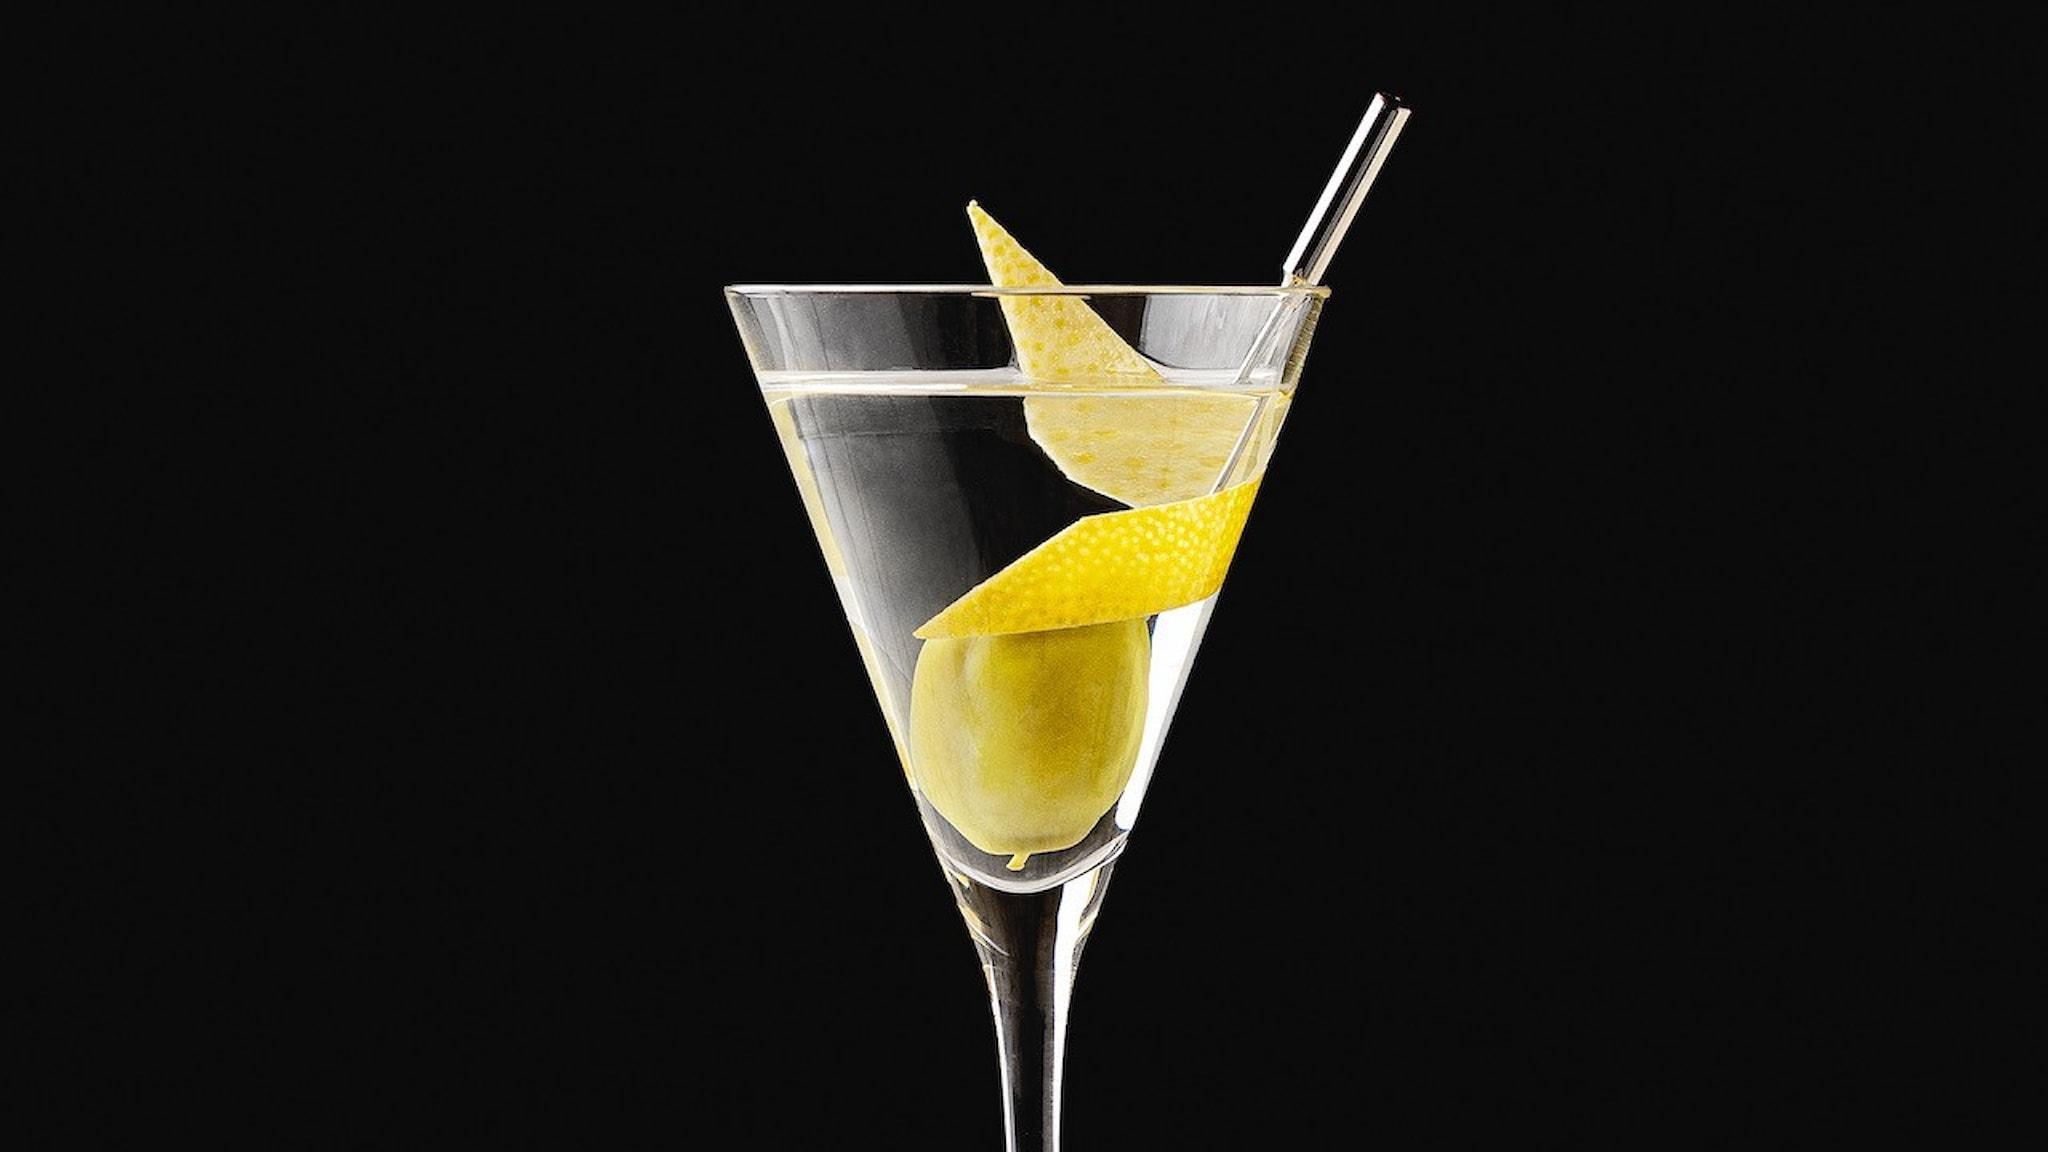 Klassisk dry martini med oliv och citronskal i trekantigt glas.